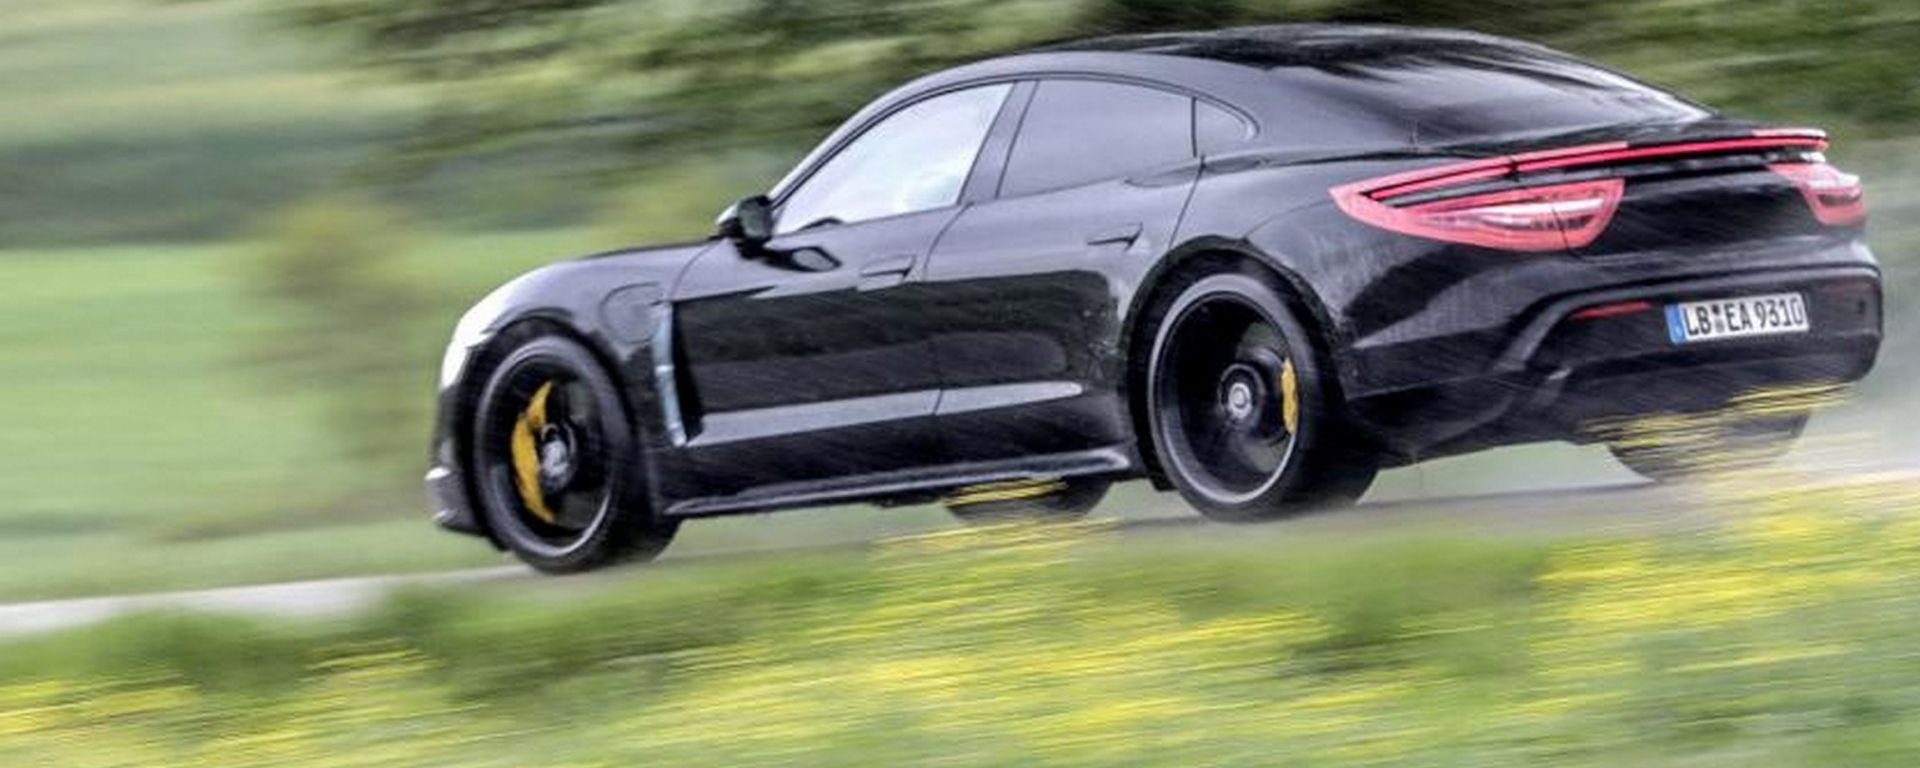 Porsche Taycan, il debutto è imminente. La prova della stampa british